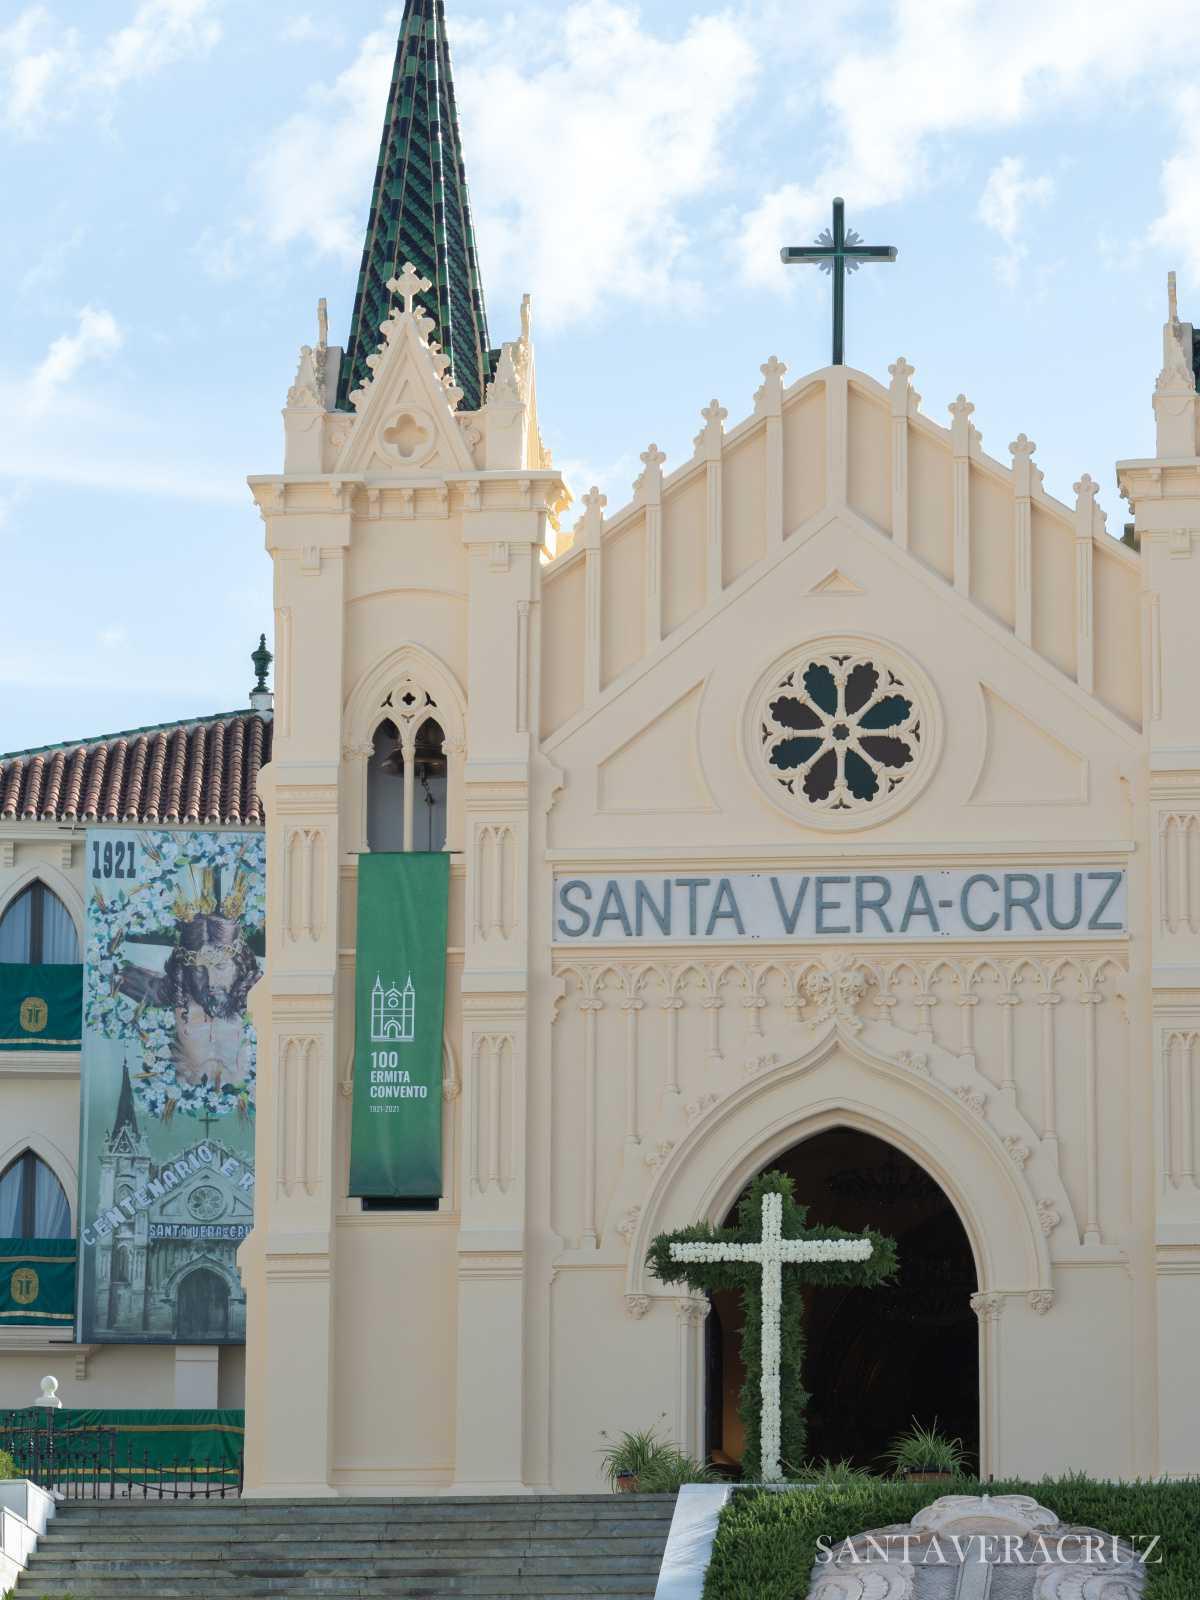 Misa de acción de gracias y fiesta de las Cruces de mayo.